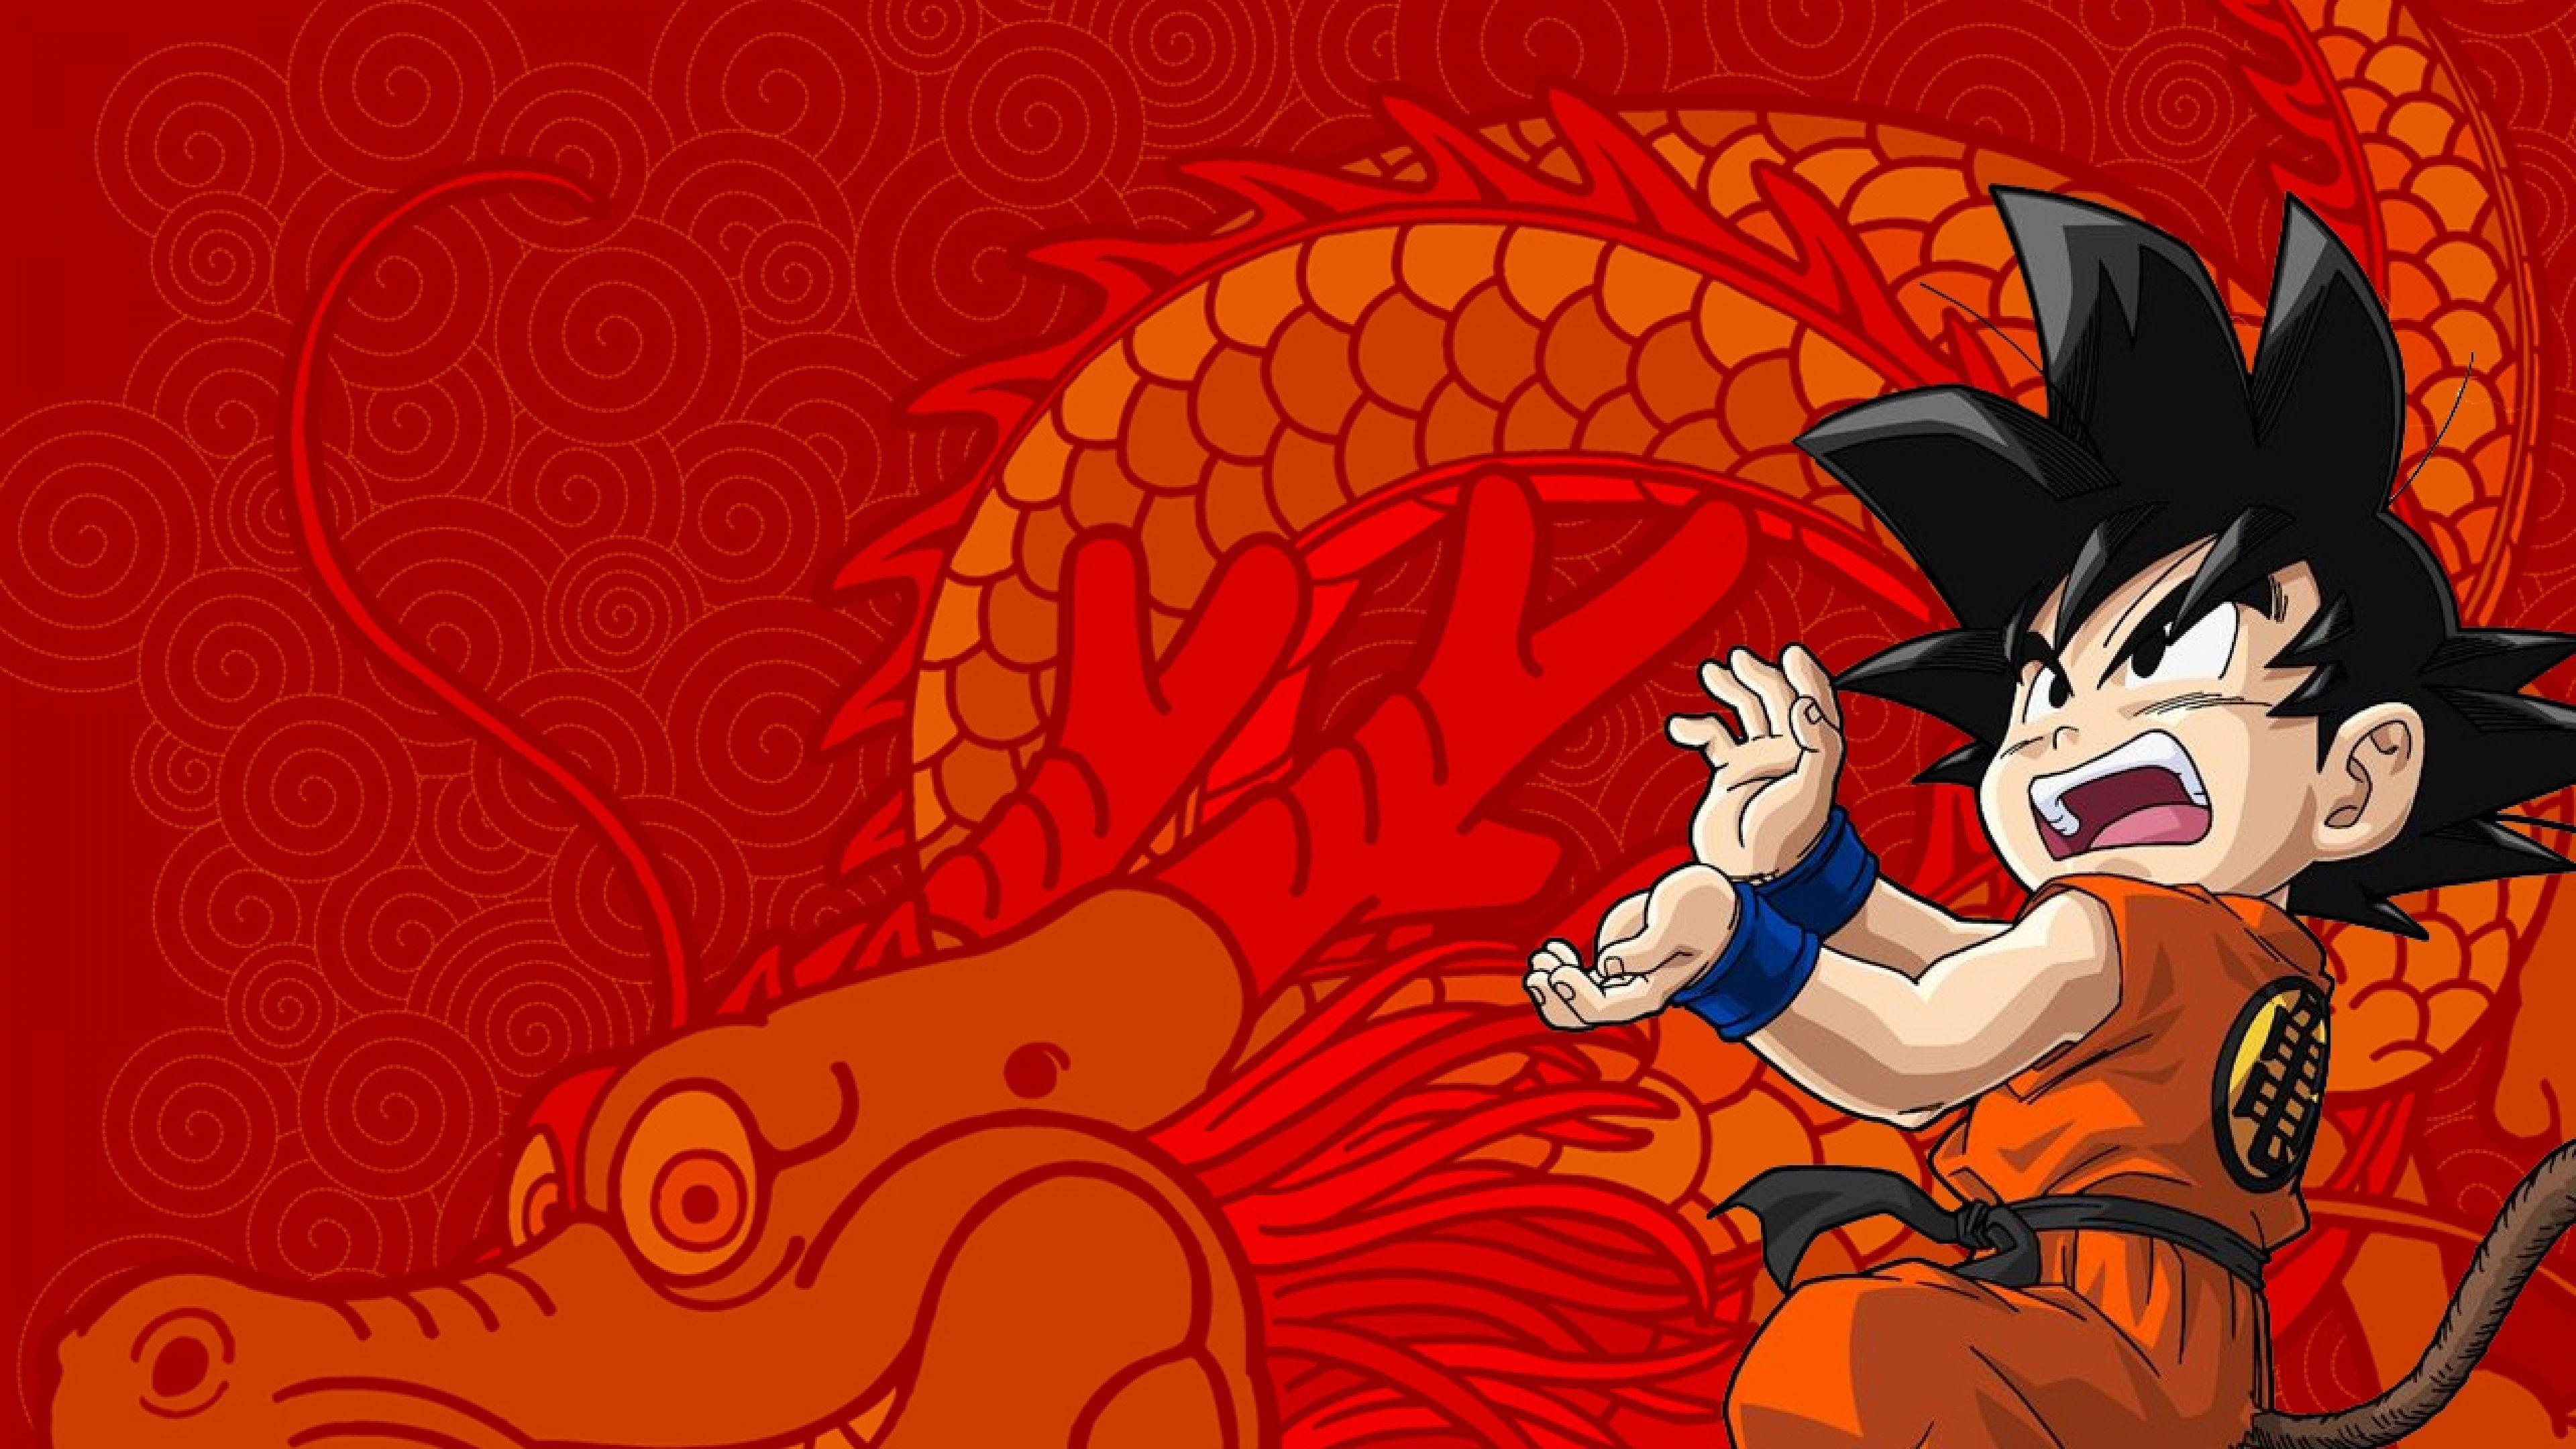 Son Goku Wallpapers 3840x2160